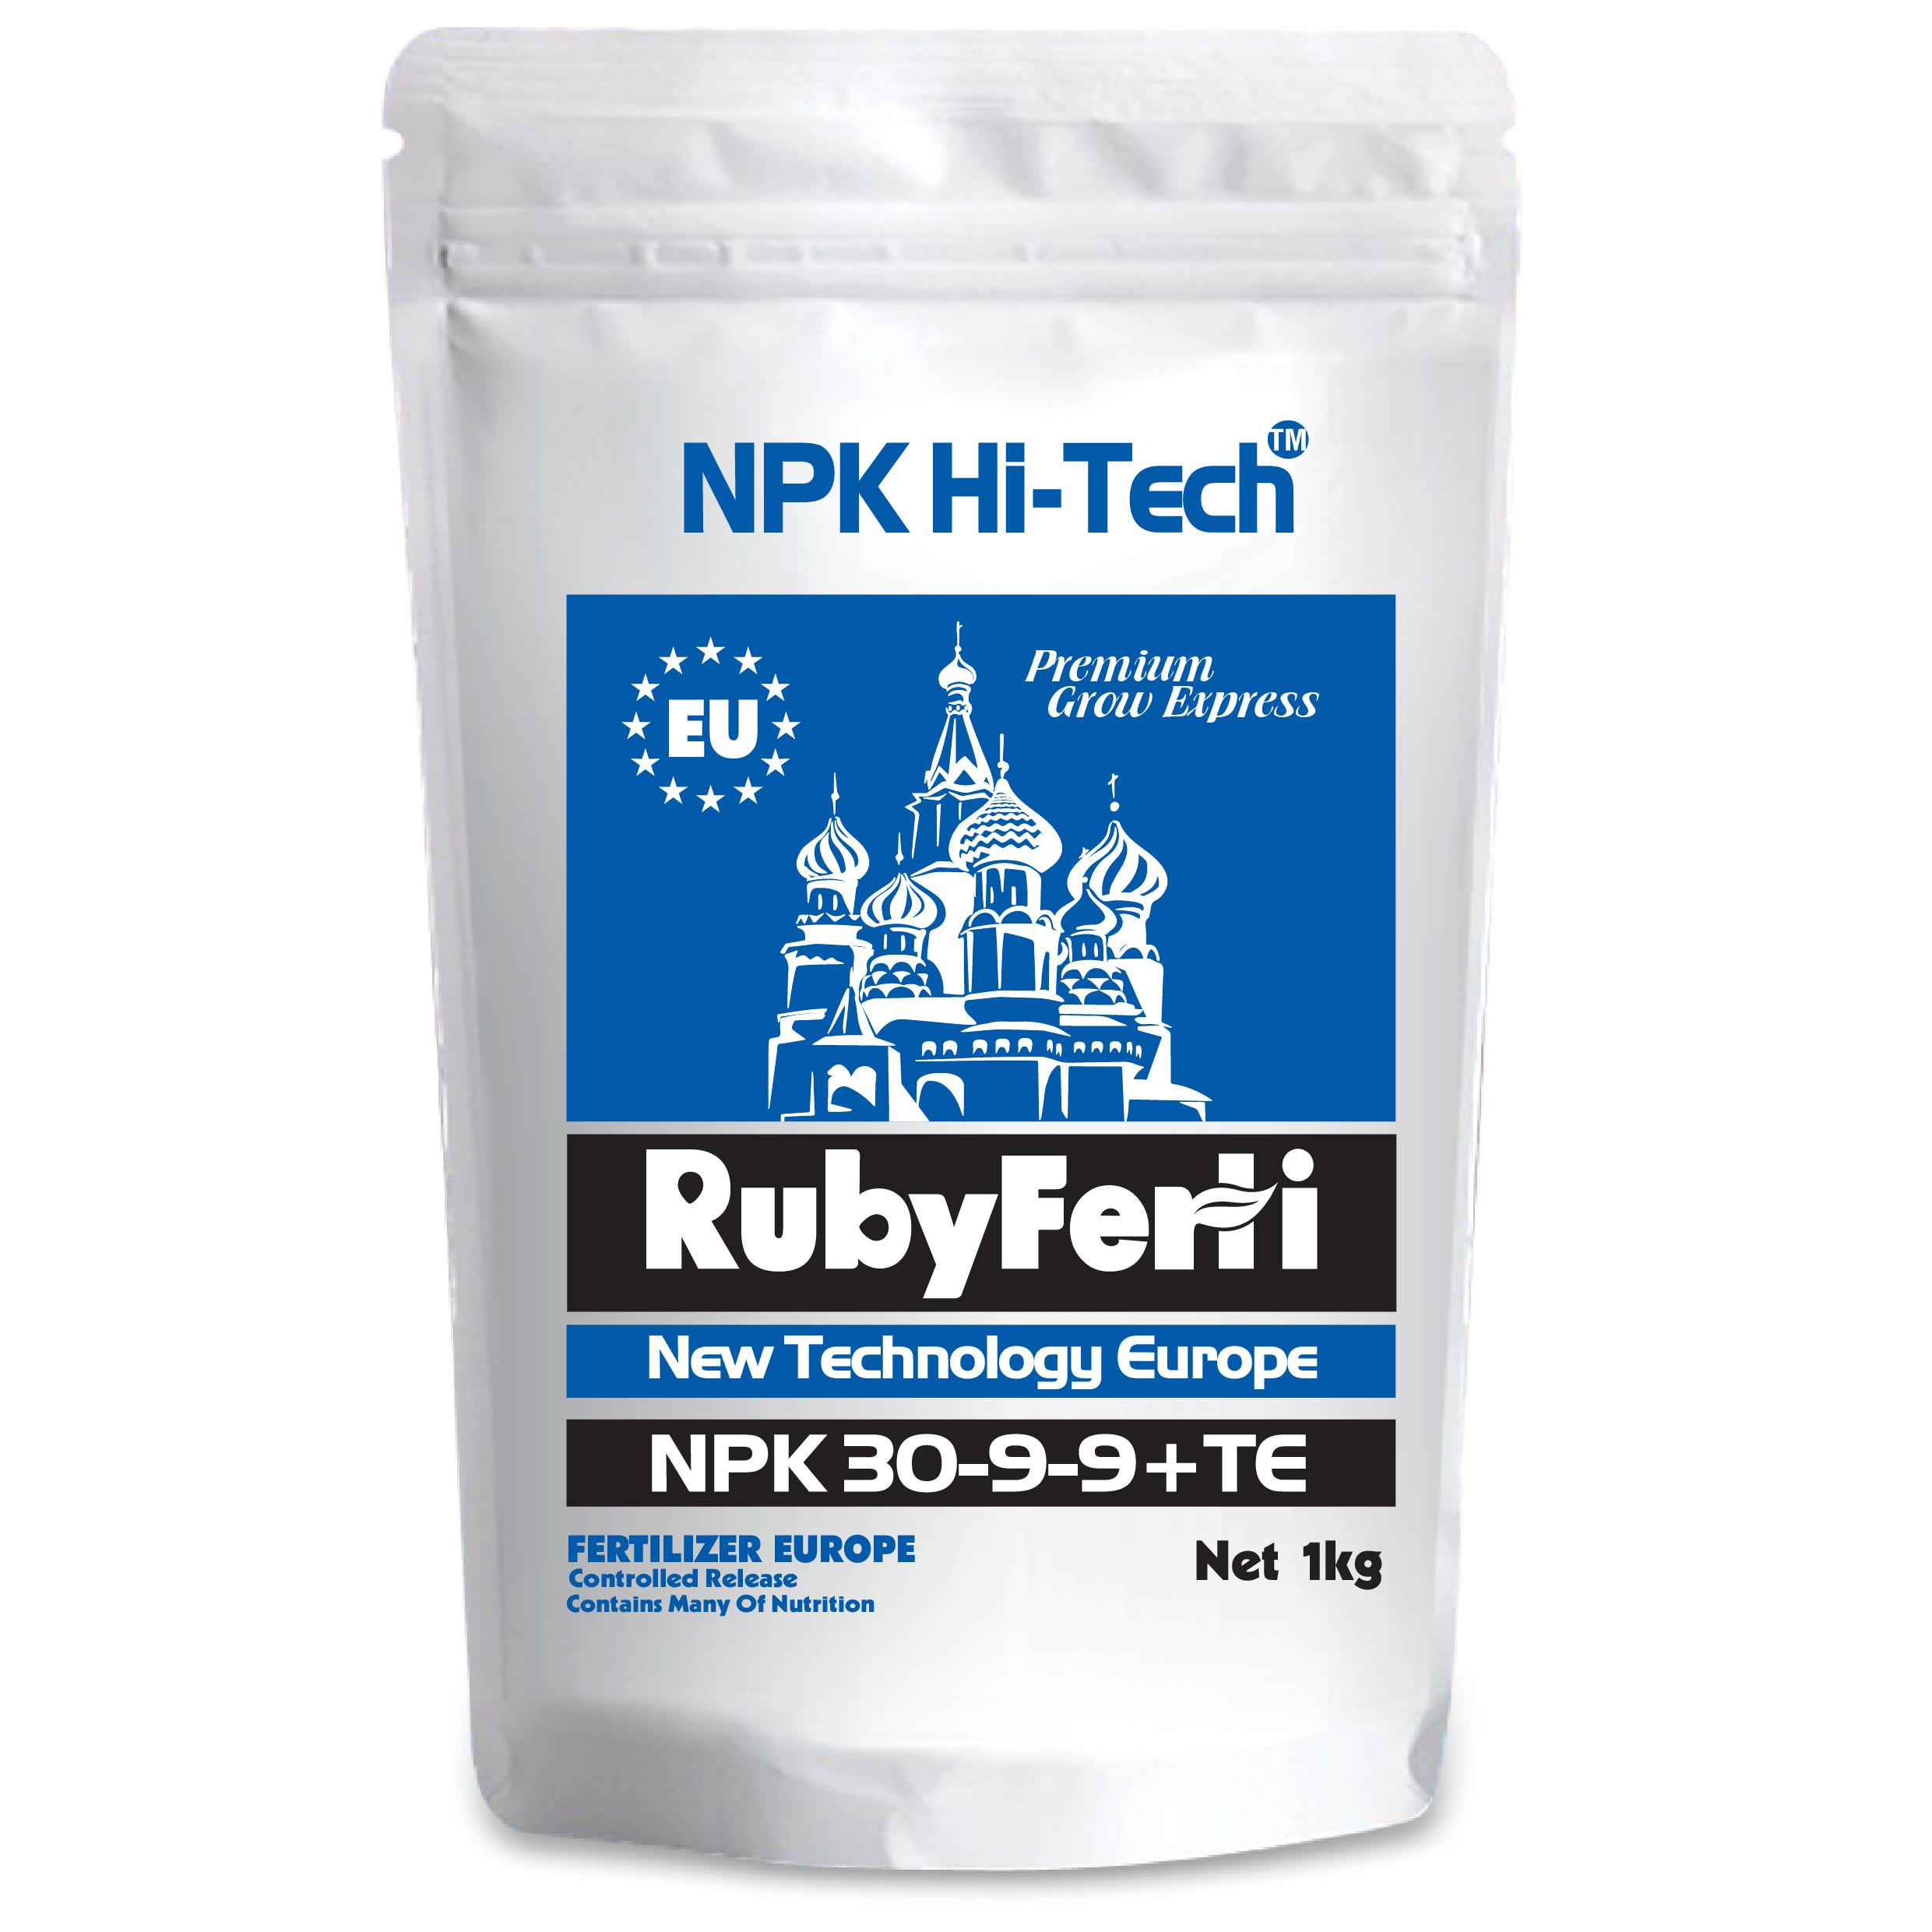 Phân bón NPK Hi-Tech: RubyFerti NPK 30-9-9+TE